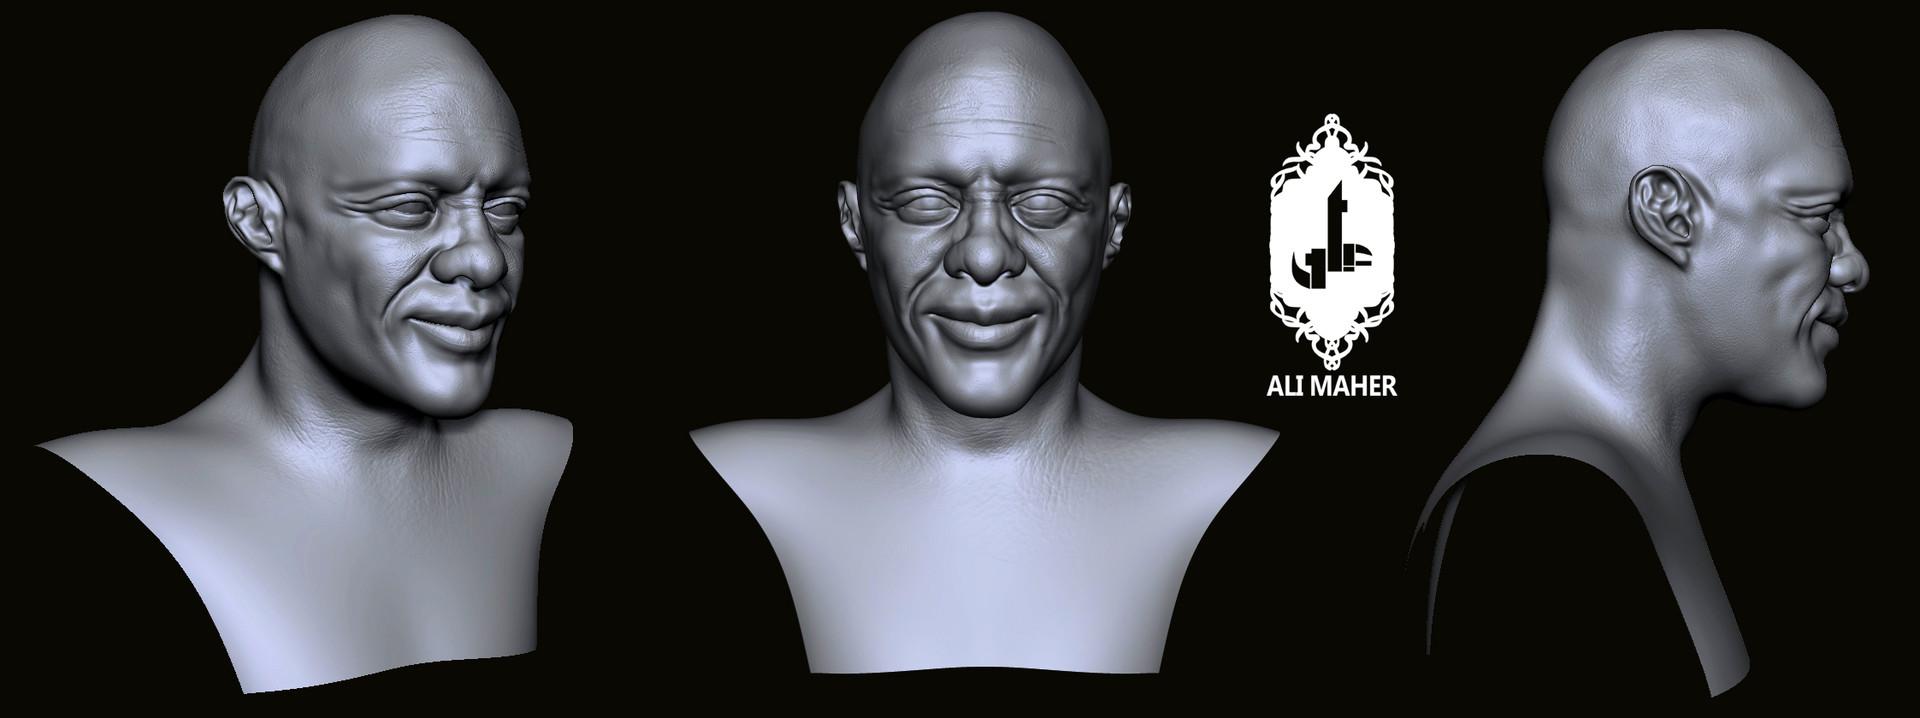 Ali maher all bald